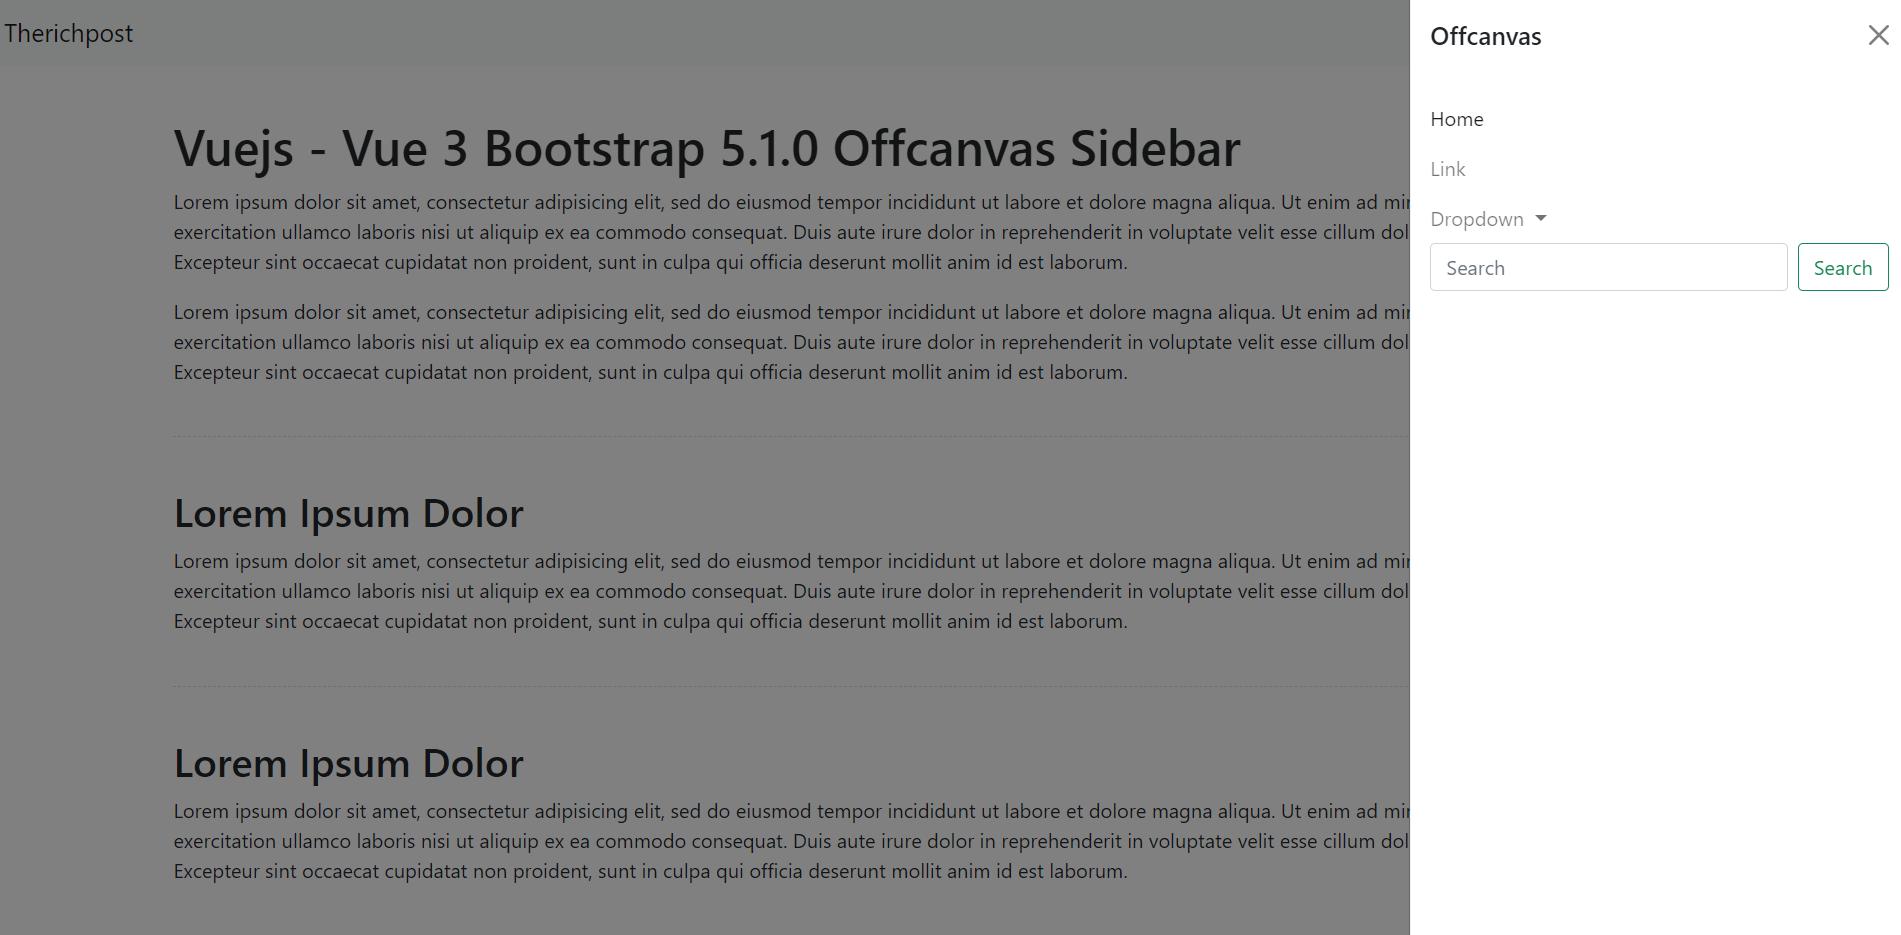 Vuejs - Vue 3 Bootstrap 5.1.0 Offcanvas Sidebar